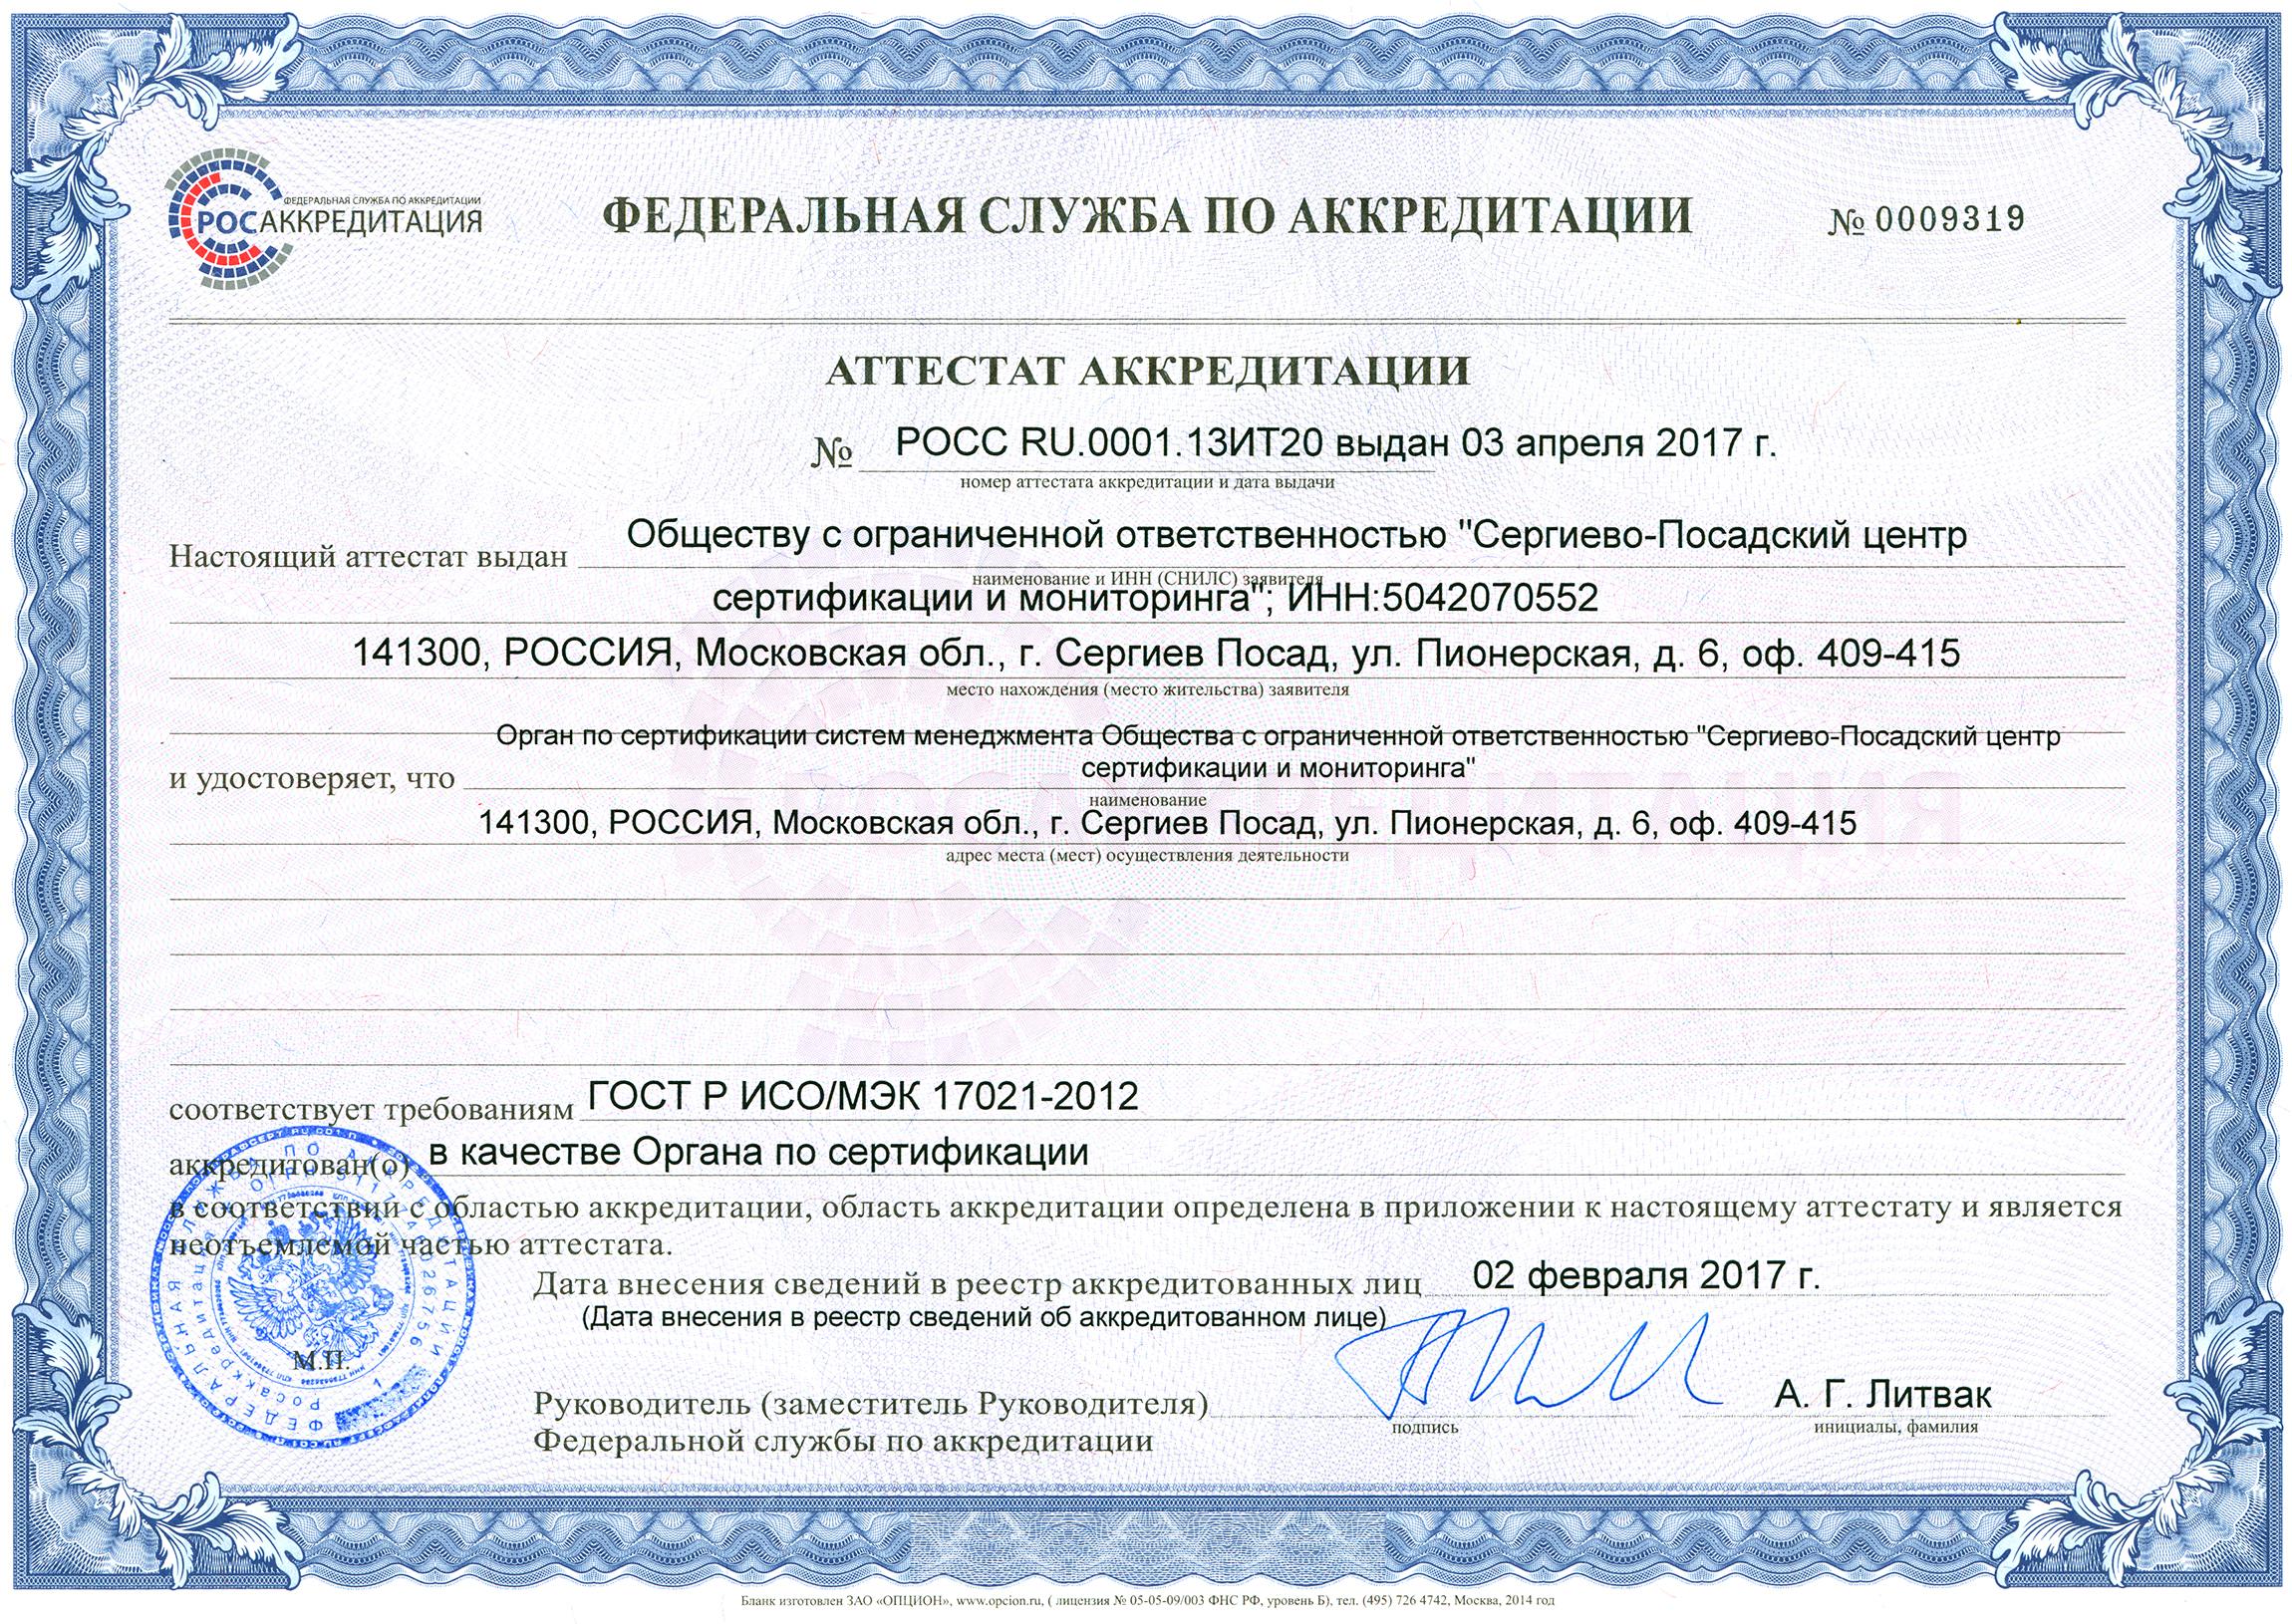 Сергиев посад сертификация госсударственный надзор стандарты, метрология, сертификация